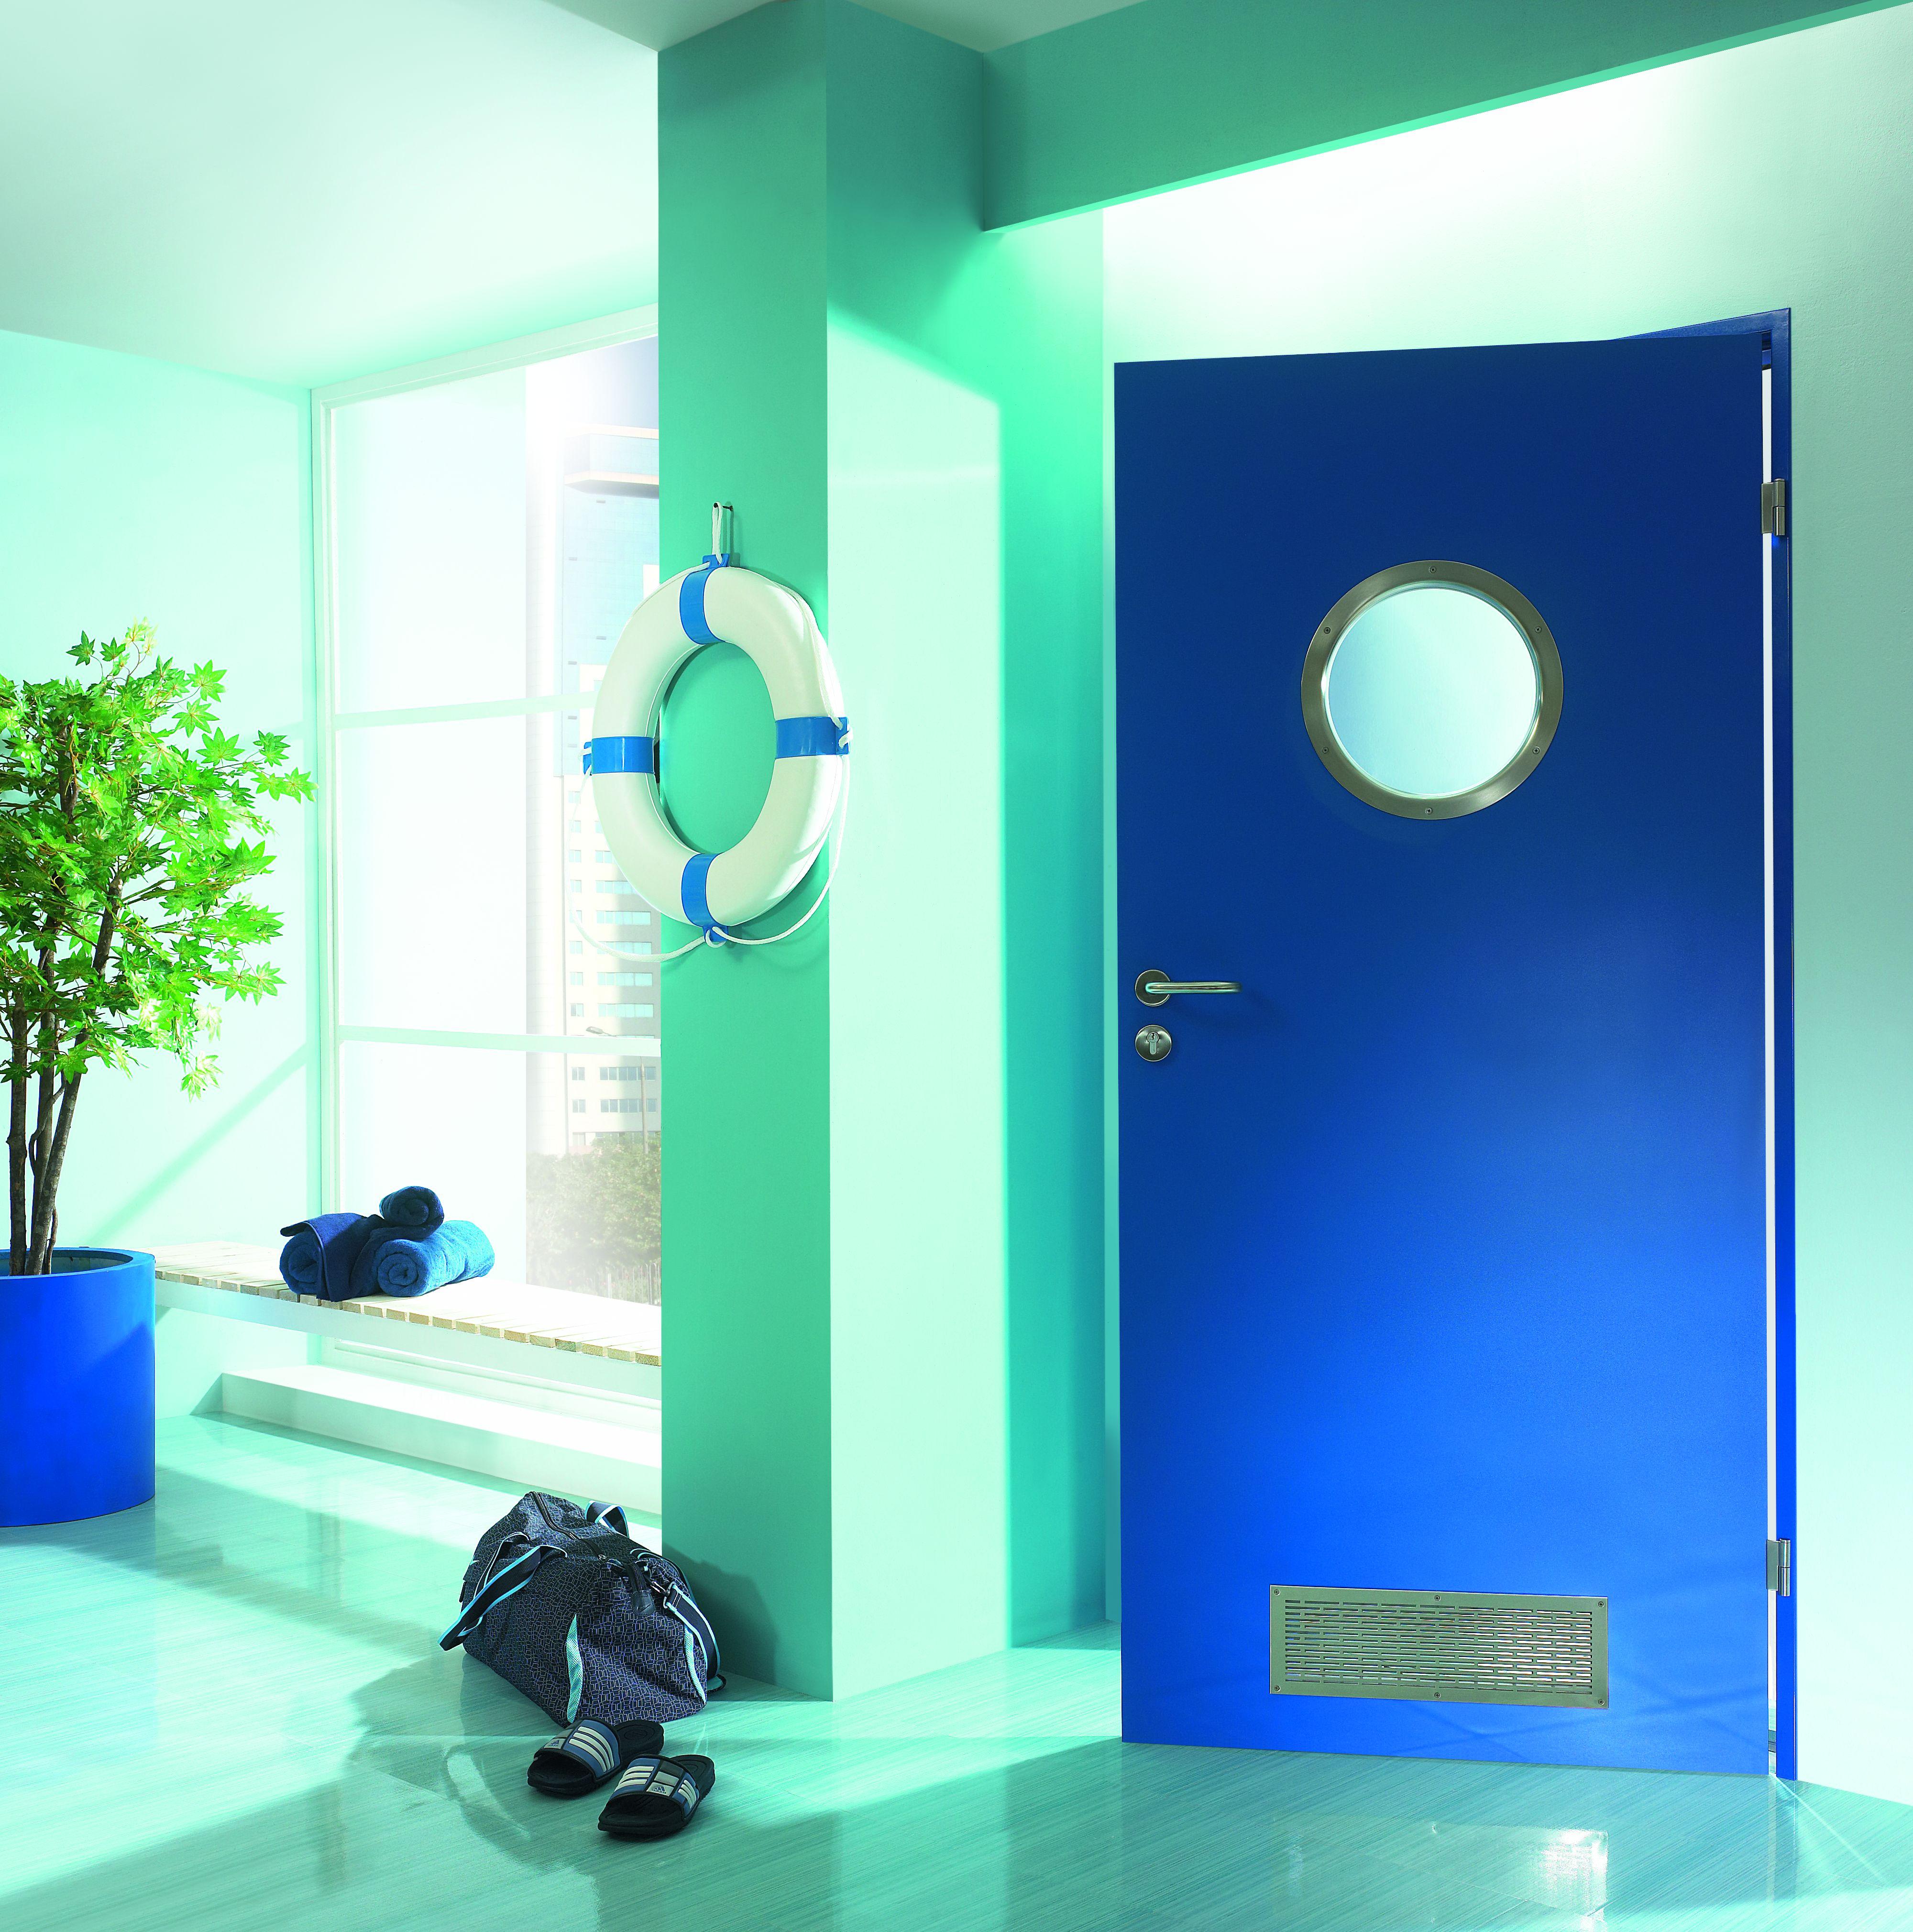 AQUA drzwi odporne na zawilgocenia, lakierowane proszkowo farbą podkładową Ral 5005